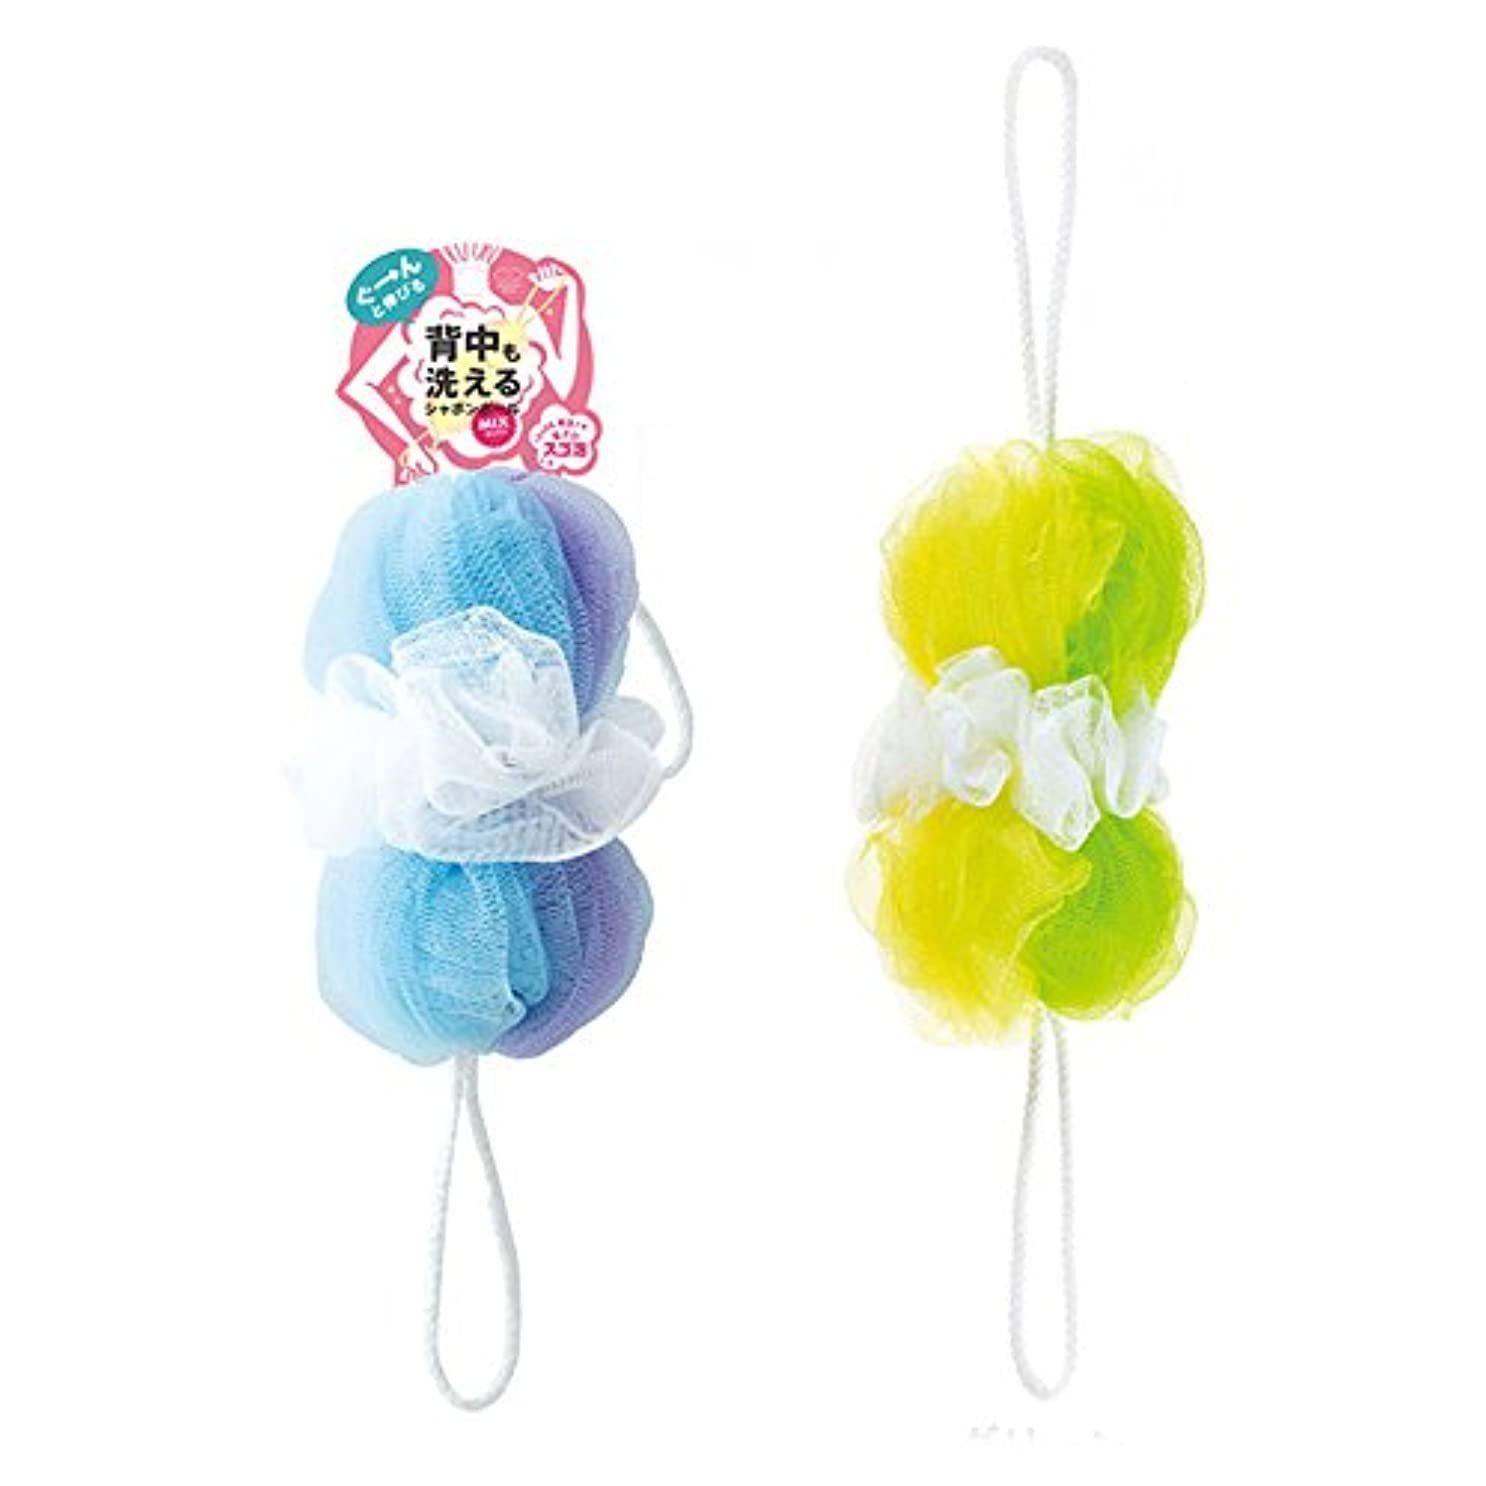 ライオン雷雨オンスマーナ 背中も洗えるシャボンボール ミックス 2色セット(B&G)